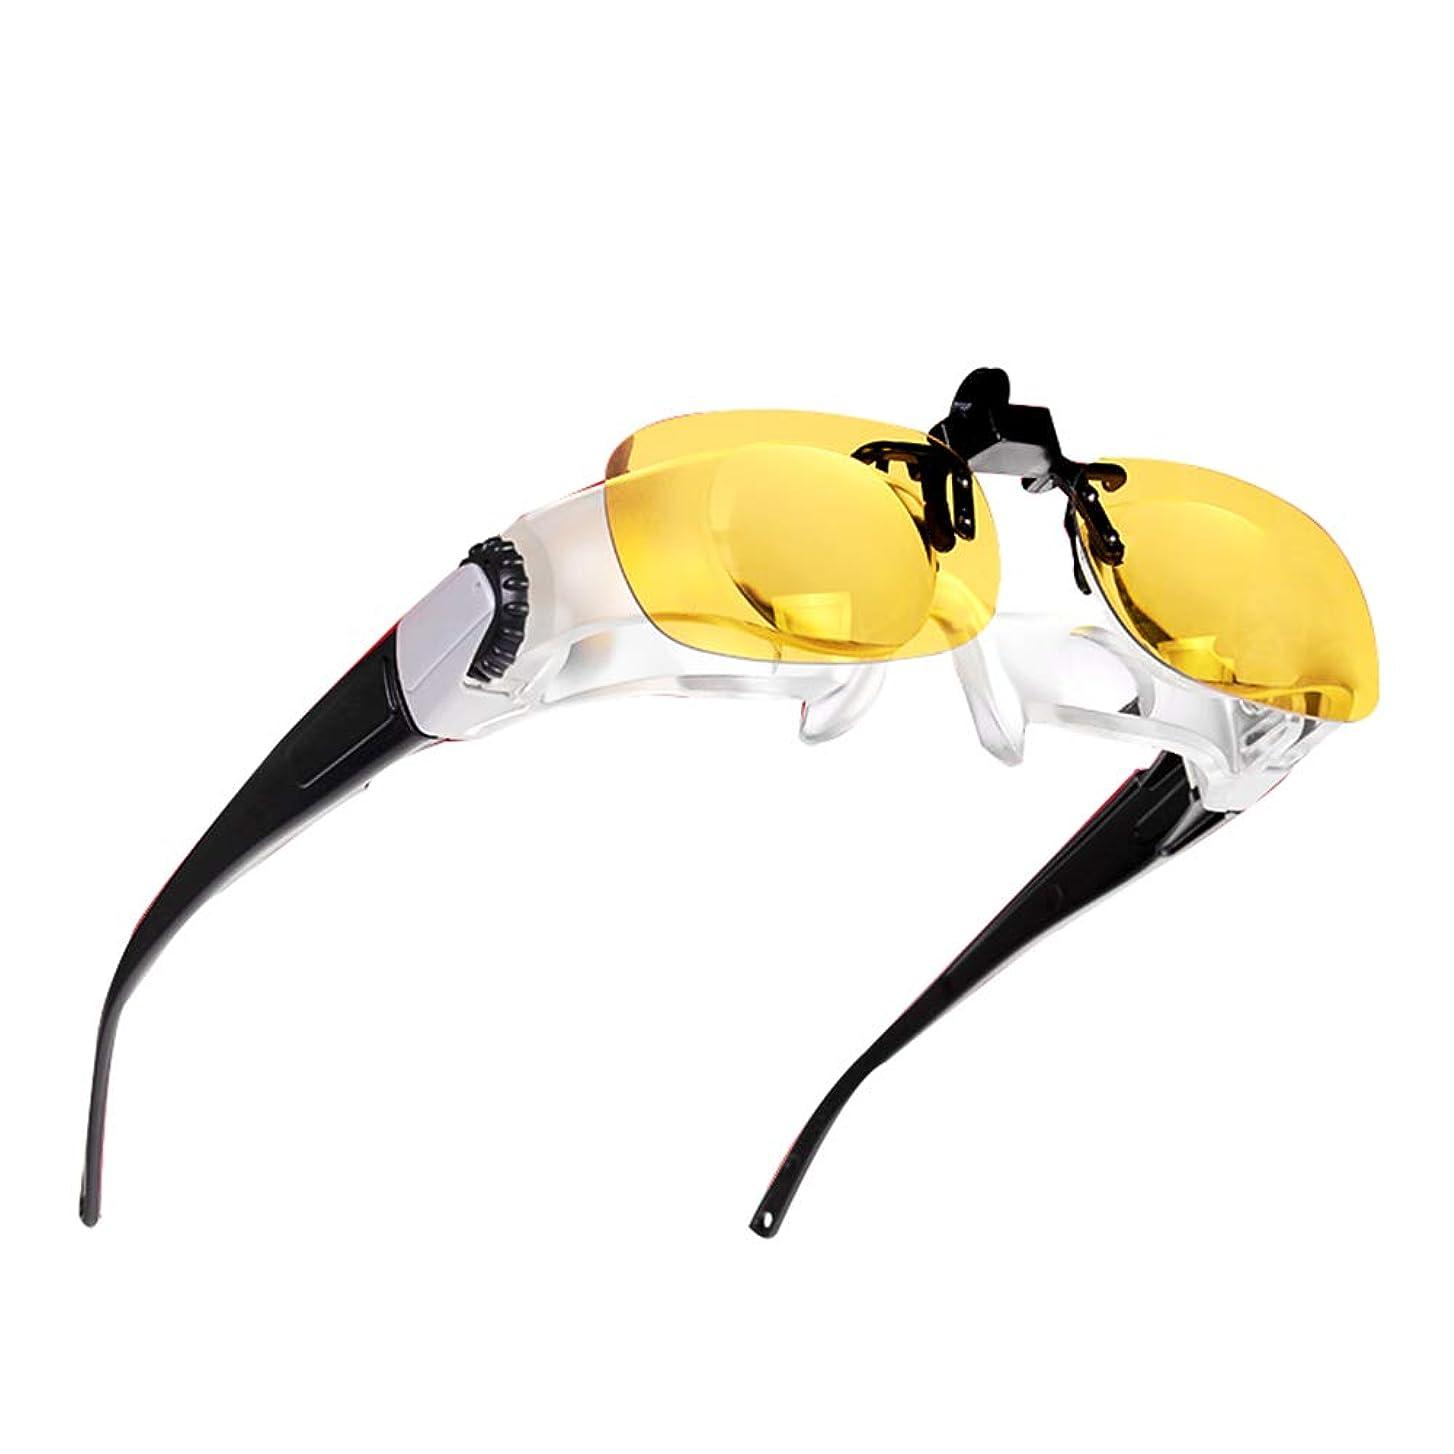 寝てる飛び込むクルー5Xヘッドマウントメガネ虫眼鏡、HD釣り望遠鏡ナイトフィッシング虫眼鏡,4組の光学レンズで 調節可能な焦点距離